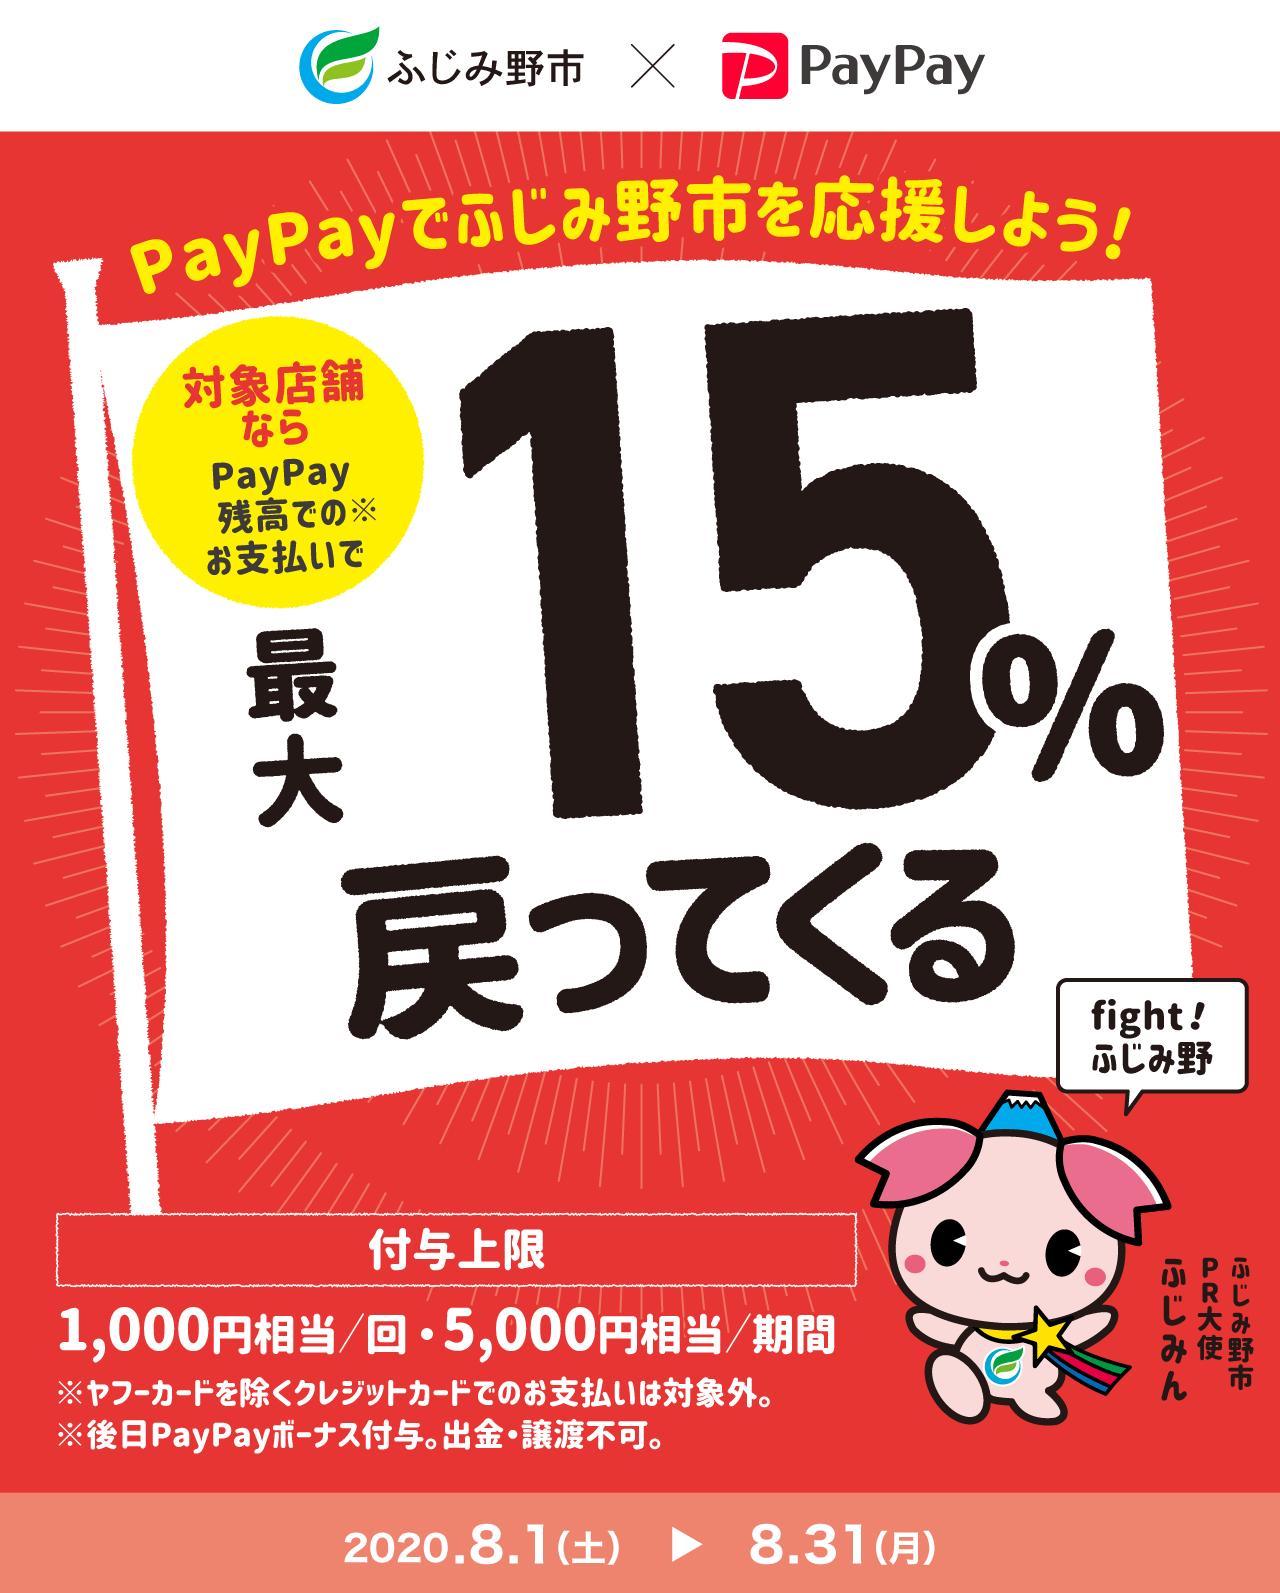 PayPayでふじみ野市を応援しよう! 対象店舗ならPayPay残高でのお支払いで 最大15%戻ってくる